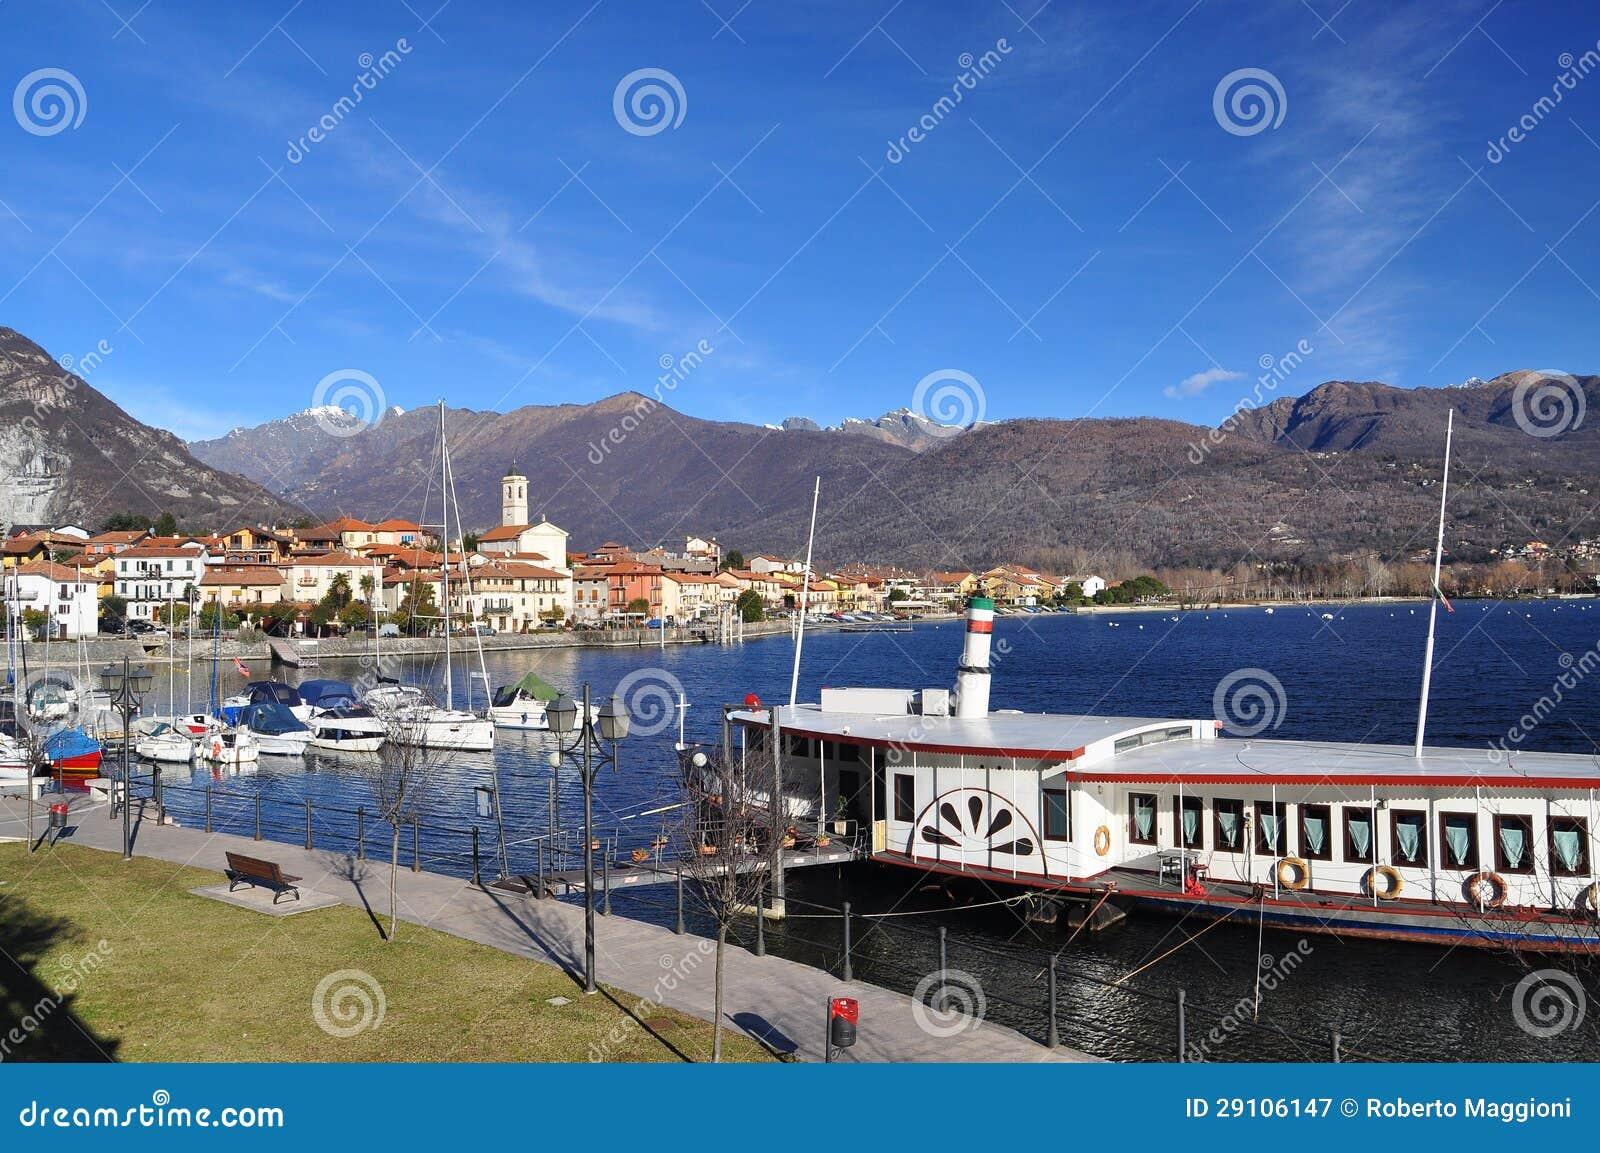 Feriolo by Baveno, Lago Maggiore, Italy